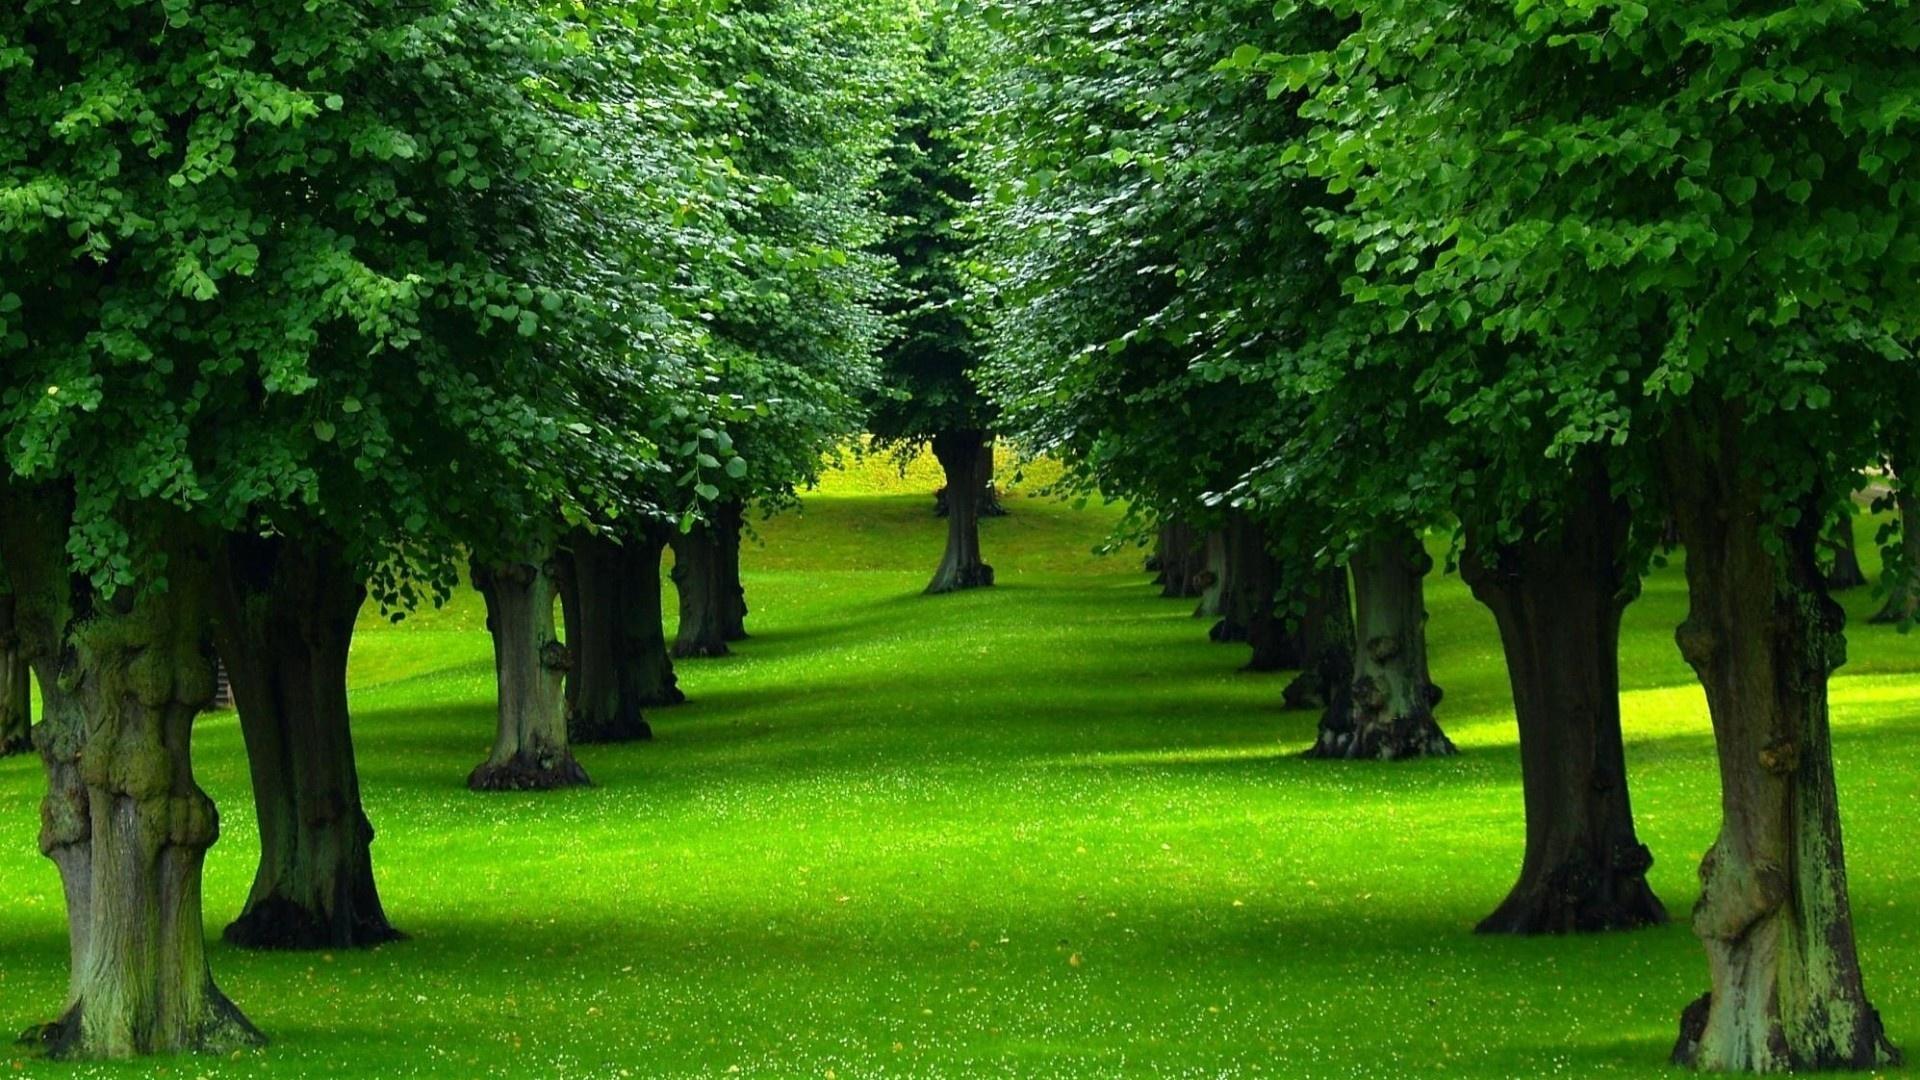 صورة صور اشجار , اجمل صور الاشجار 2020